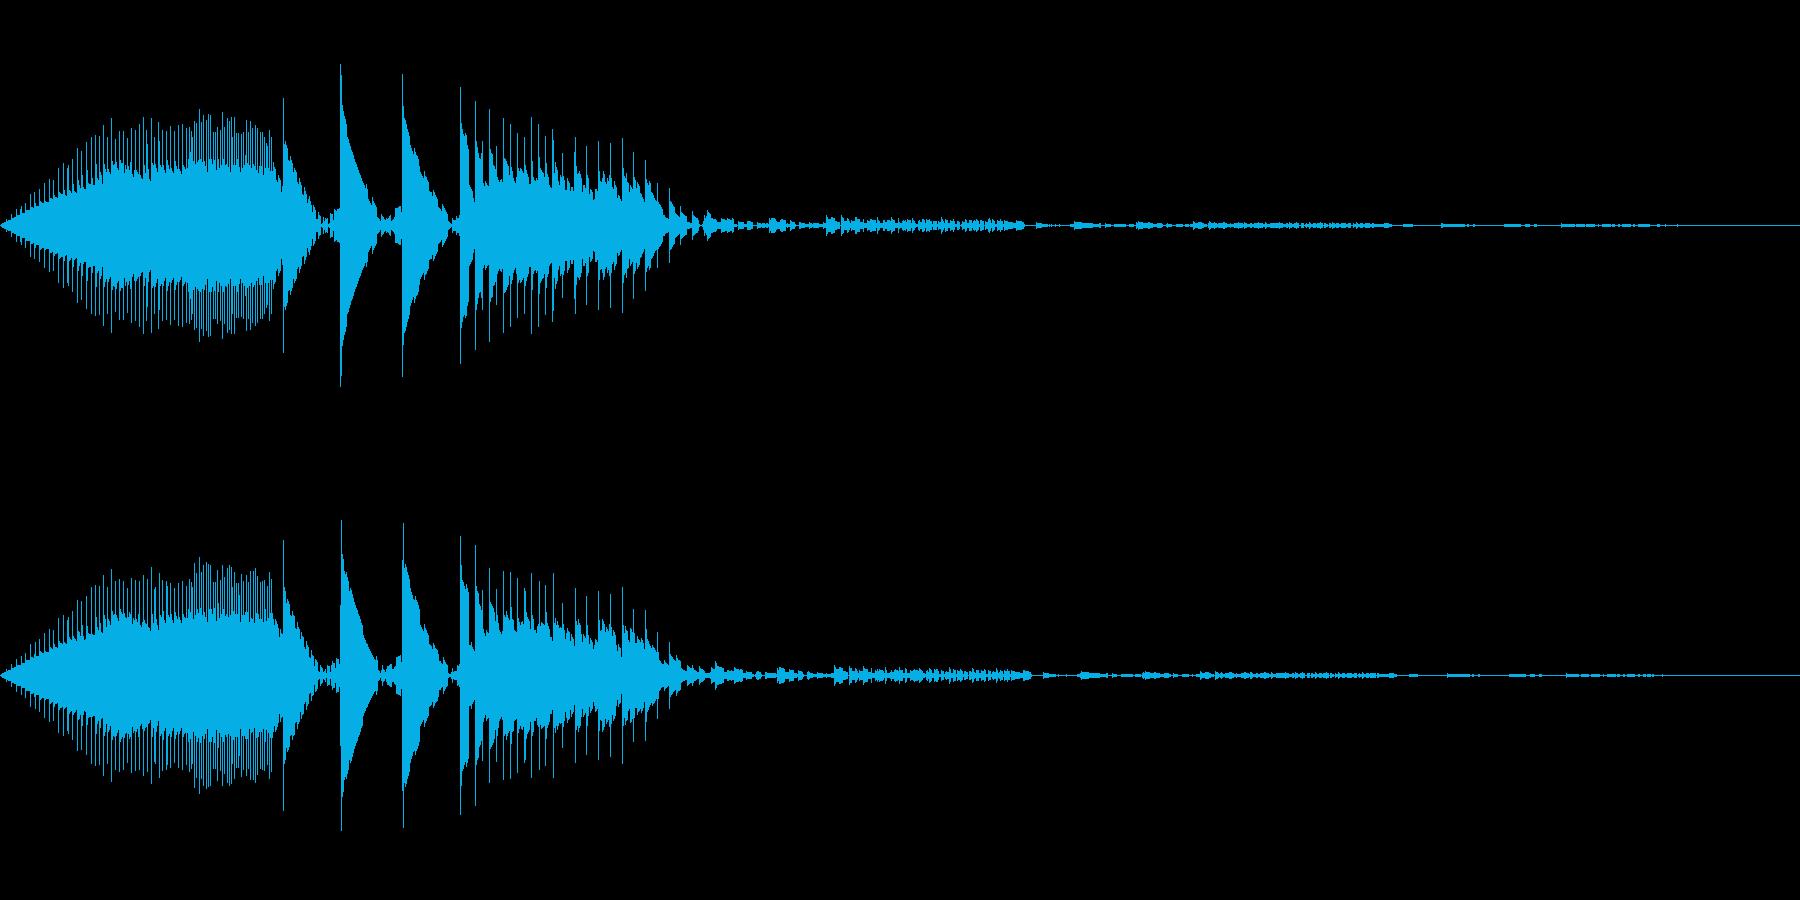 ブロック移動(8bit風)の再生済みの波形